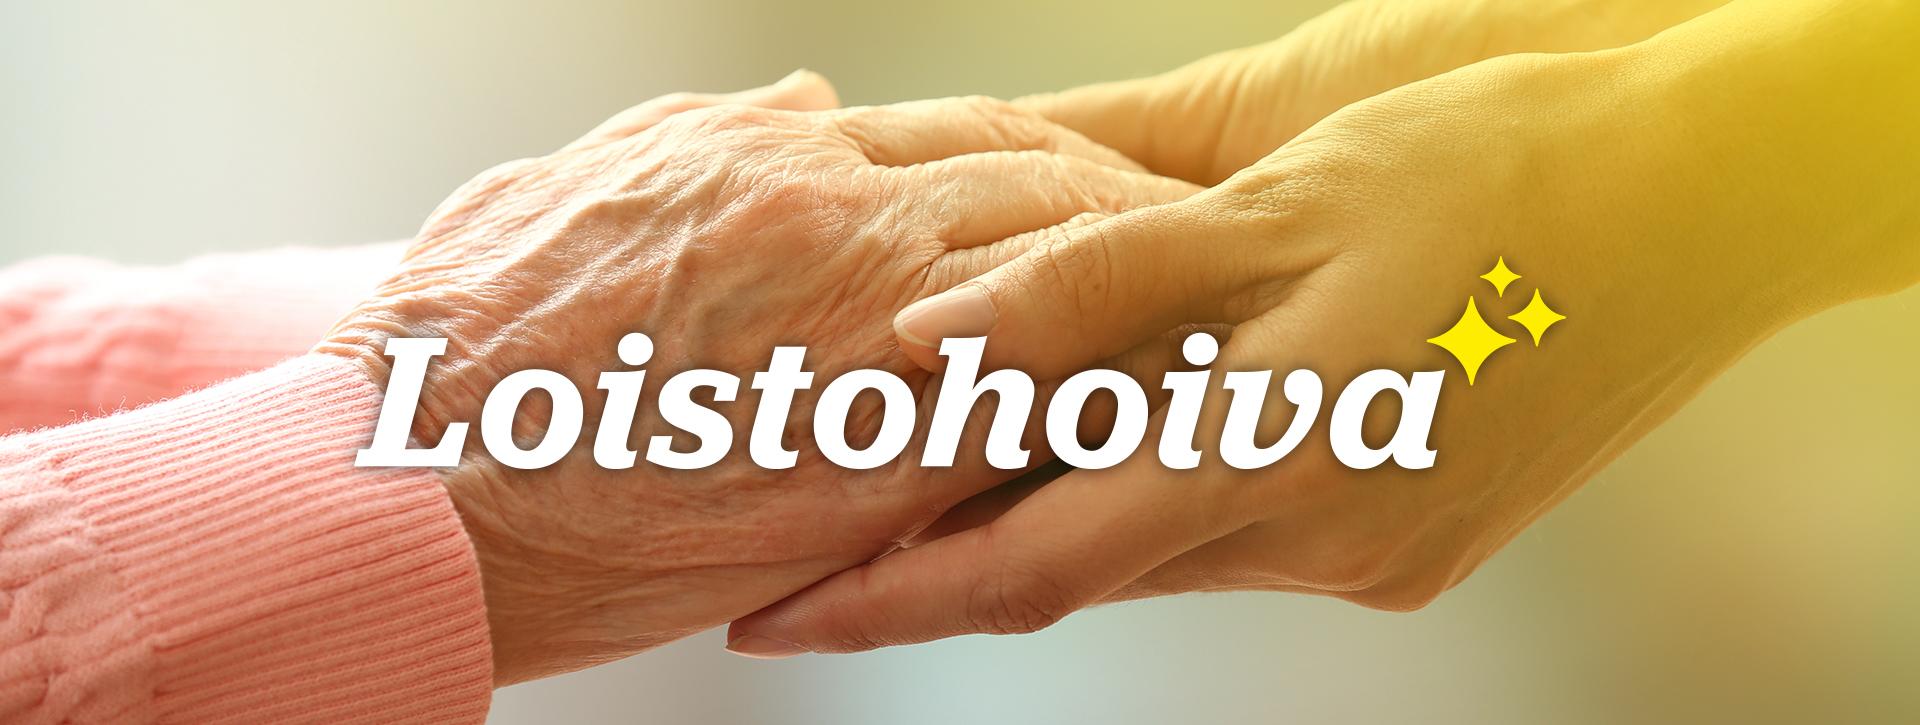 Mainostoimisto Uhman referenssi: Loistohoiva. Kuvassa on Loistohoivan logo sekä kahden henkilön kädet.